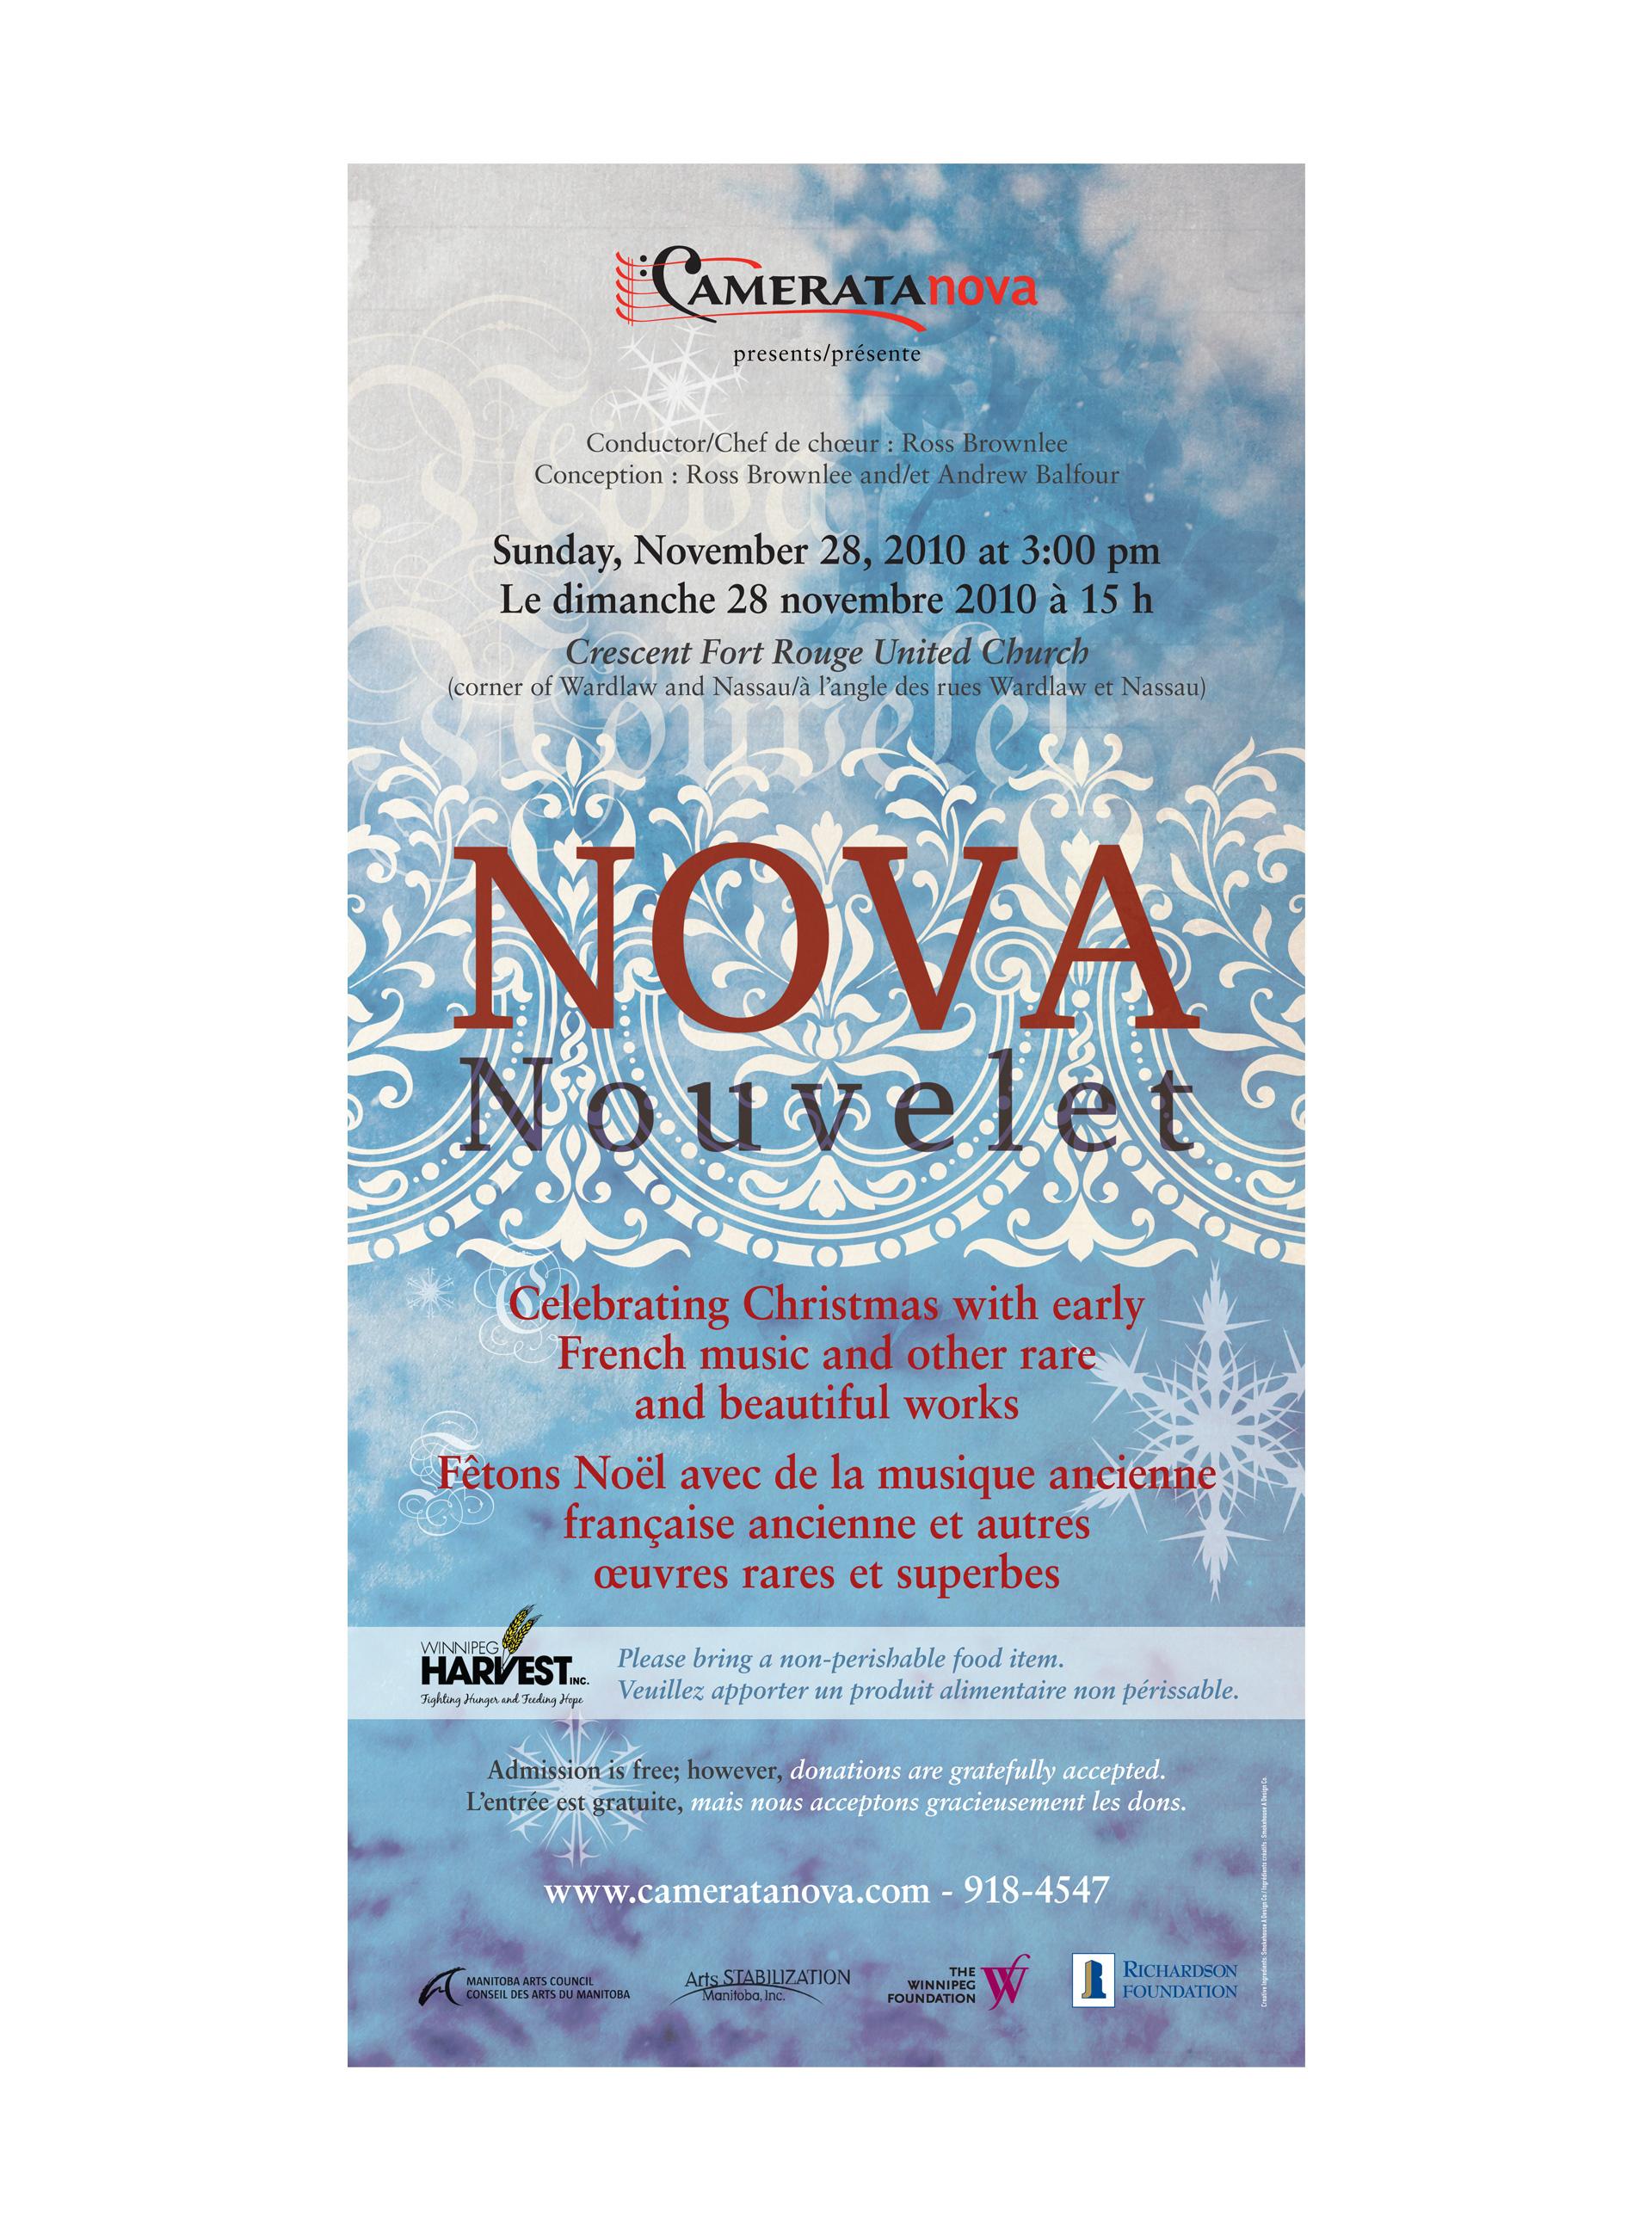 Camerata Nova poster